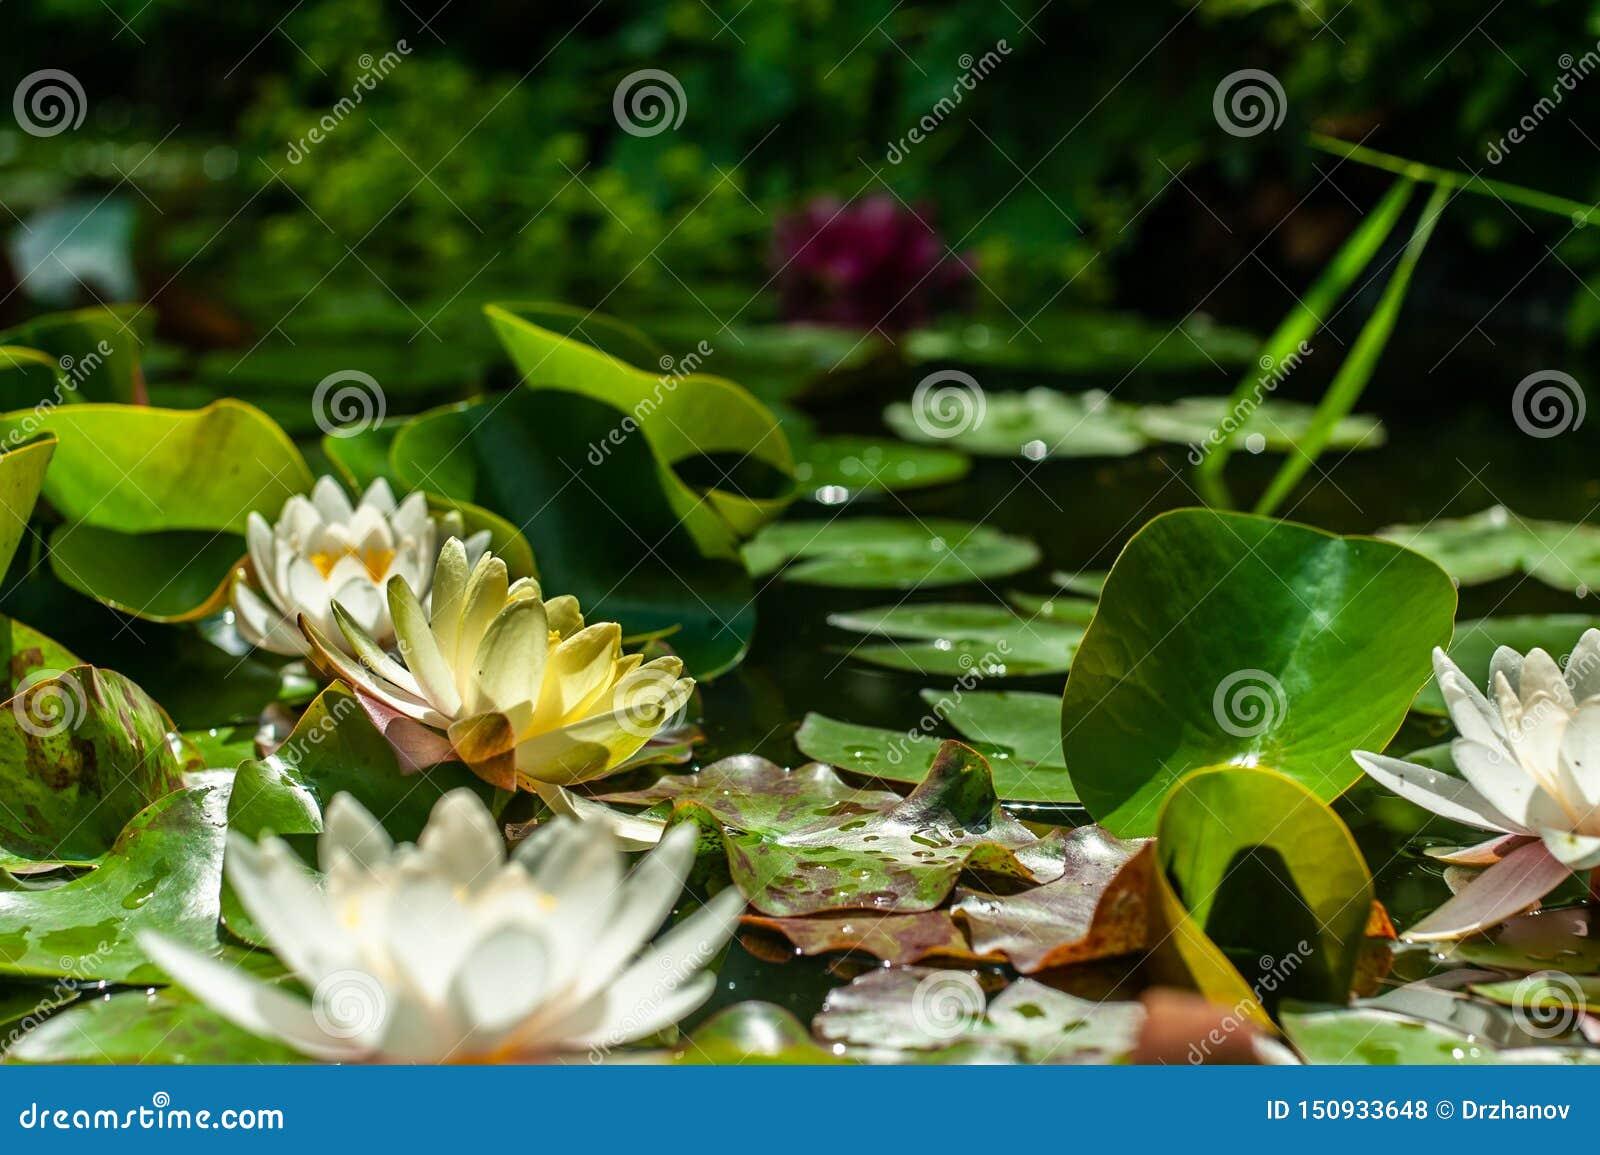 Weiße und gelbe Nymphaea- oder Seeroseblumen und grüne Blätter im Wasser der Gartenteichnahaufnahme